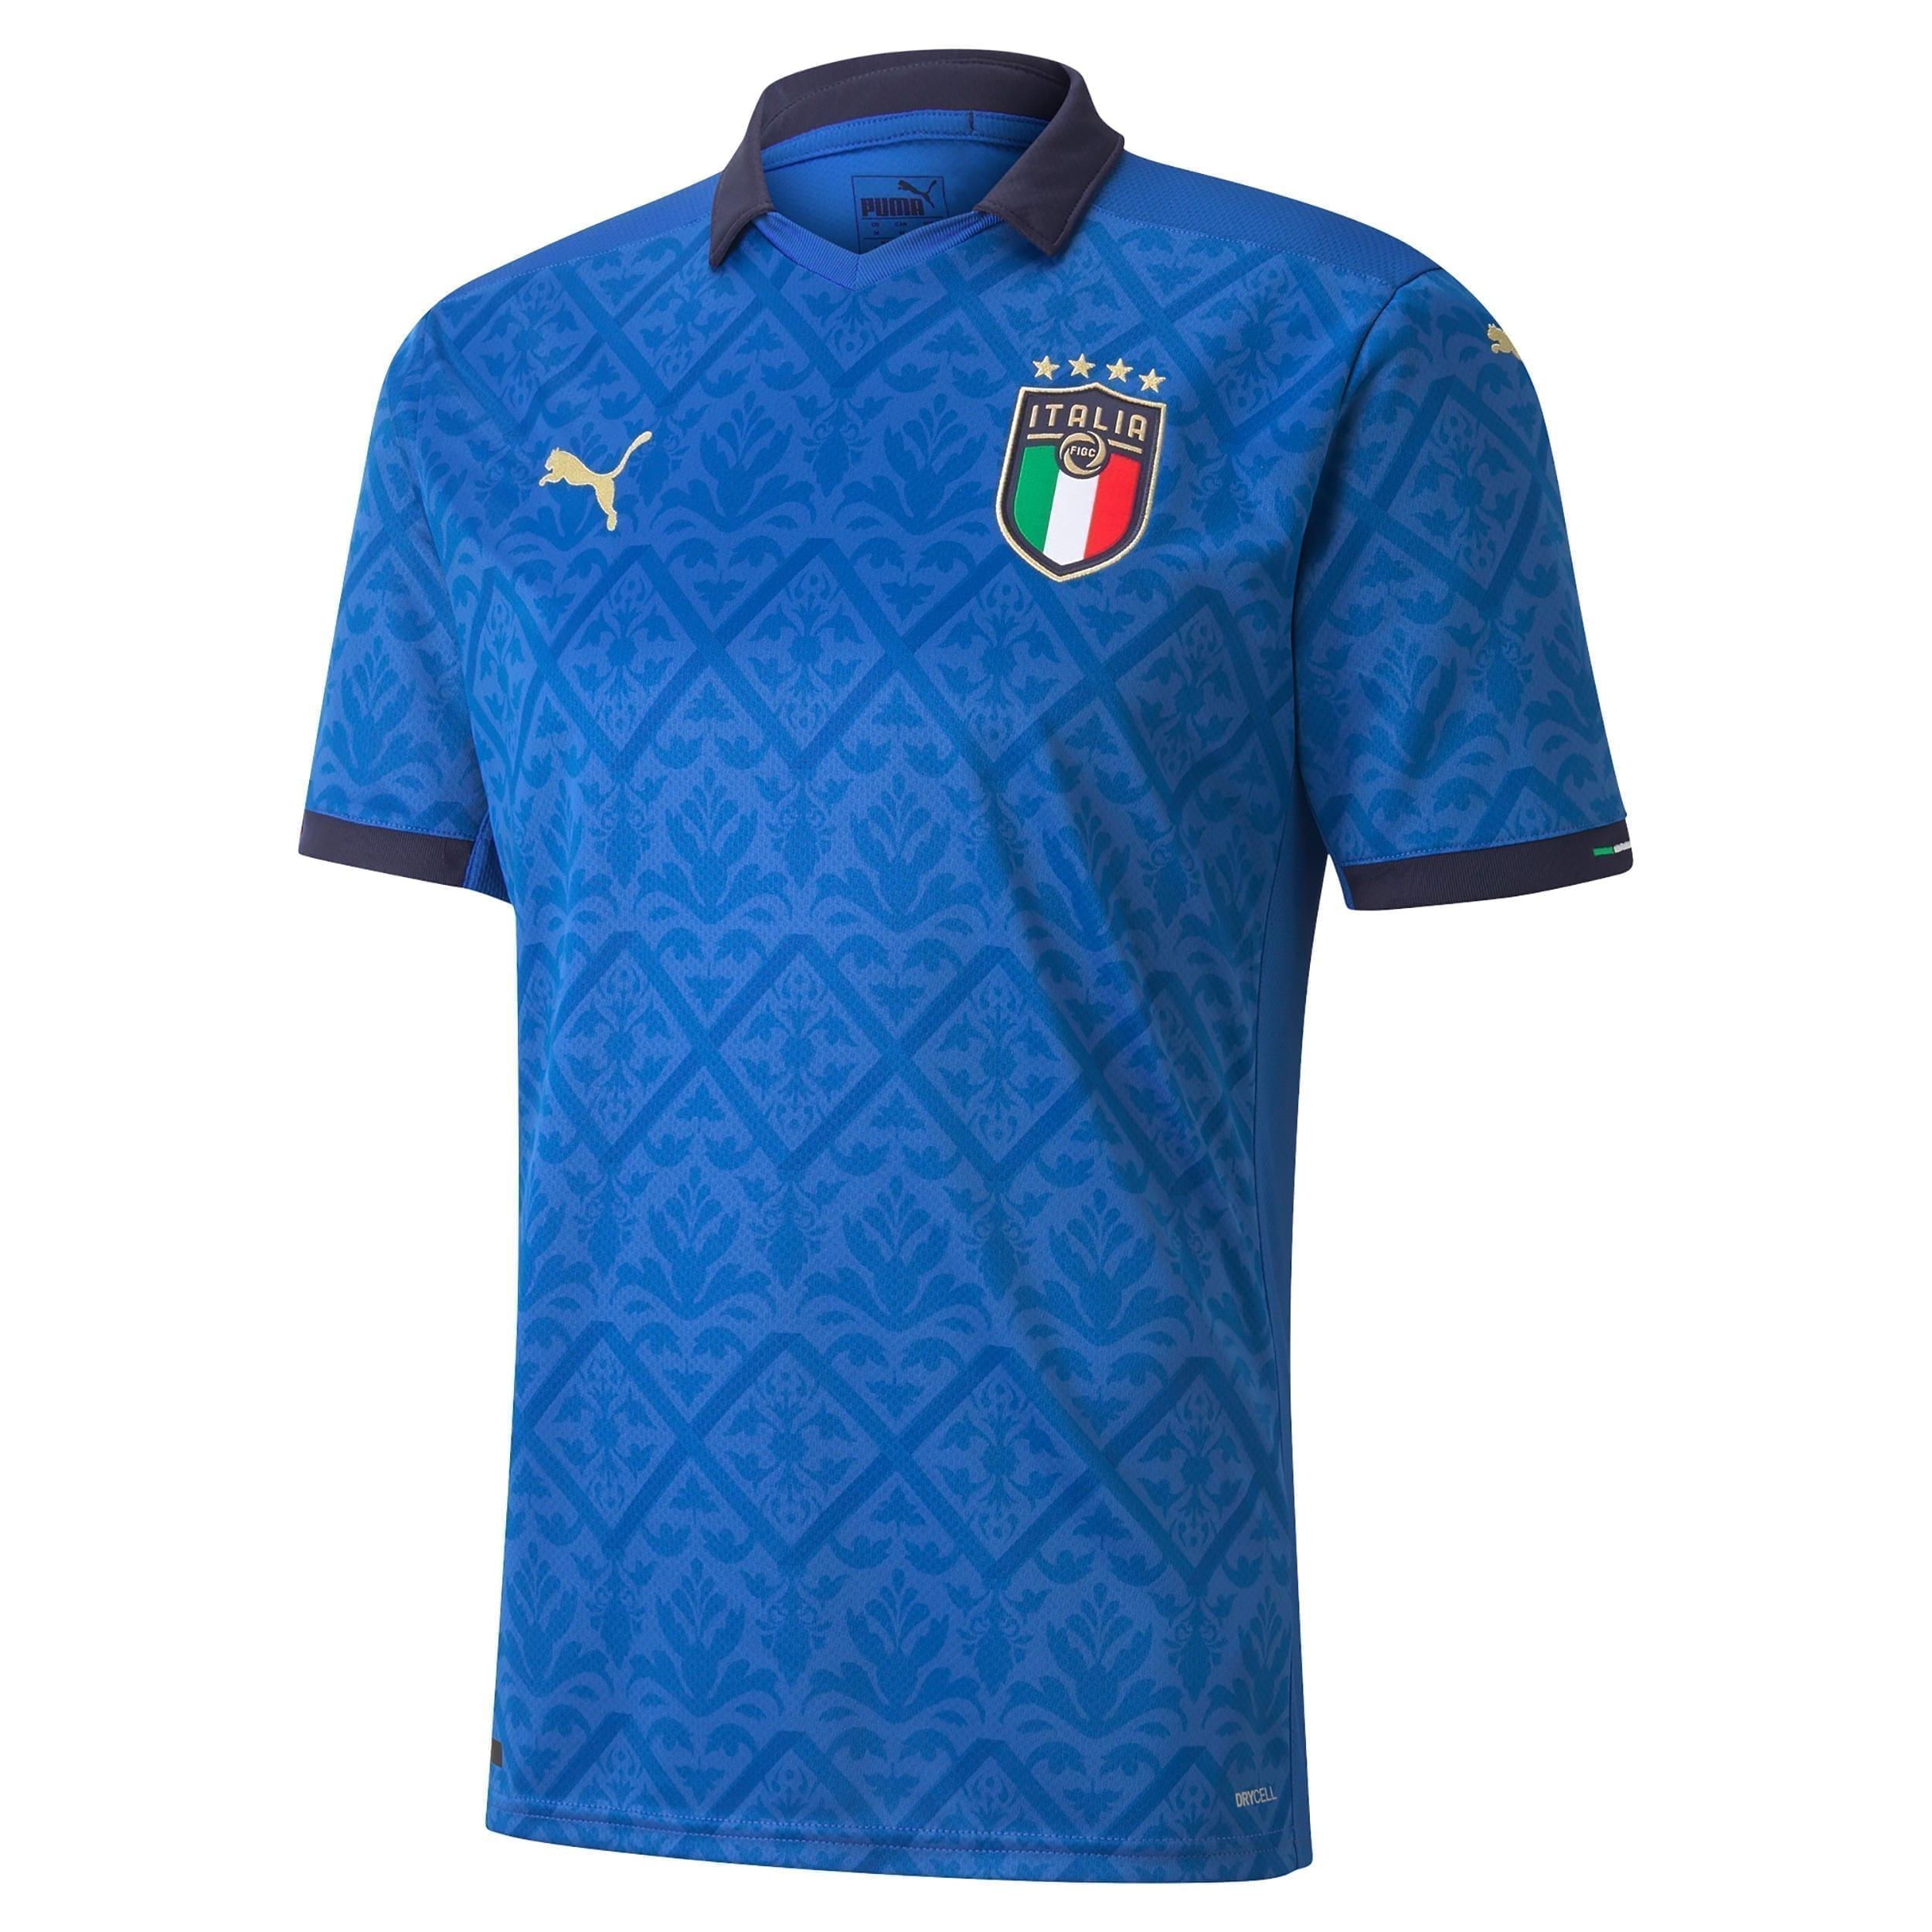 Футболка сборной Италии 2020